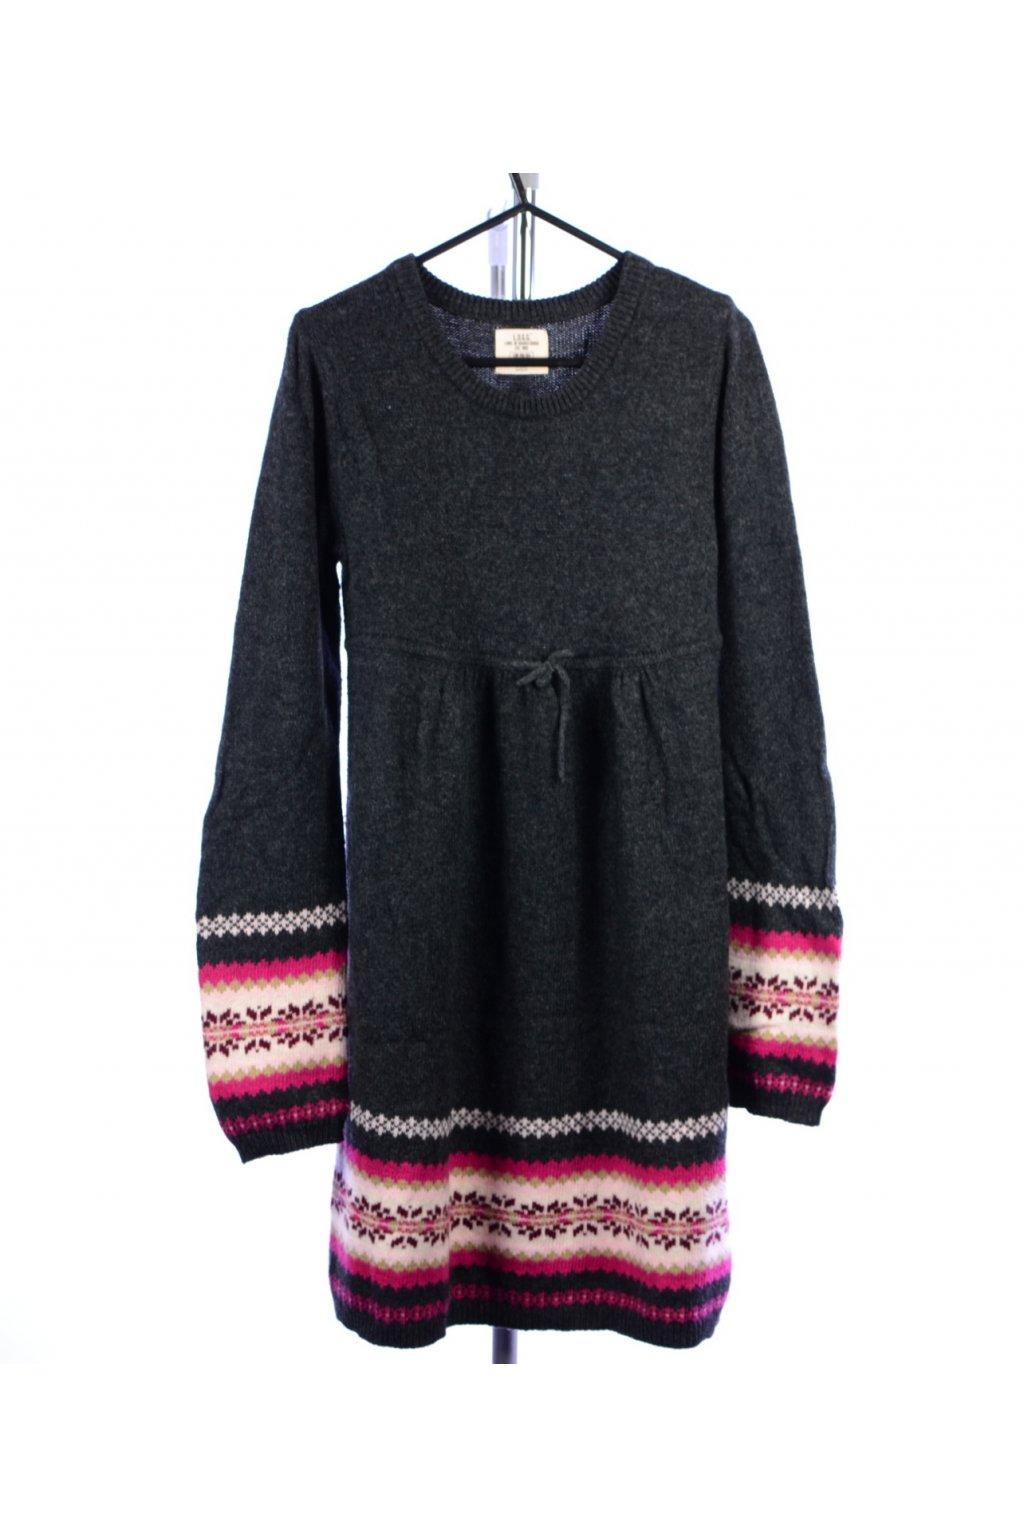 Šaty H&M pletené úpletové 158/164 – XS šedé se vzorem